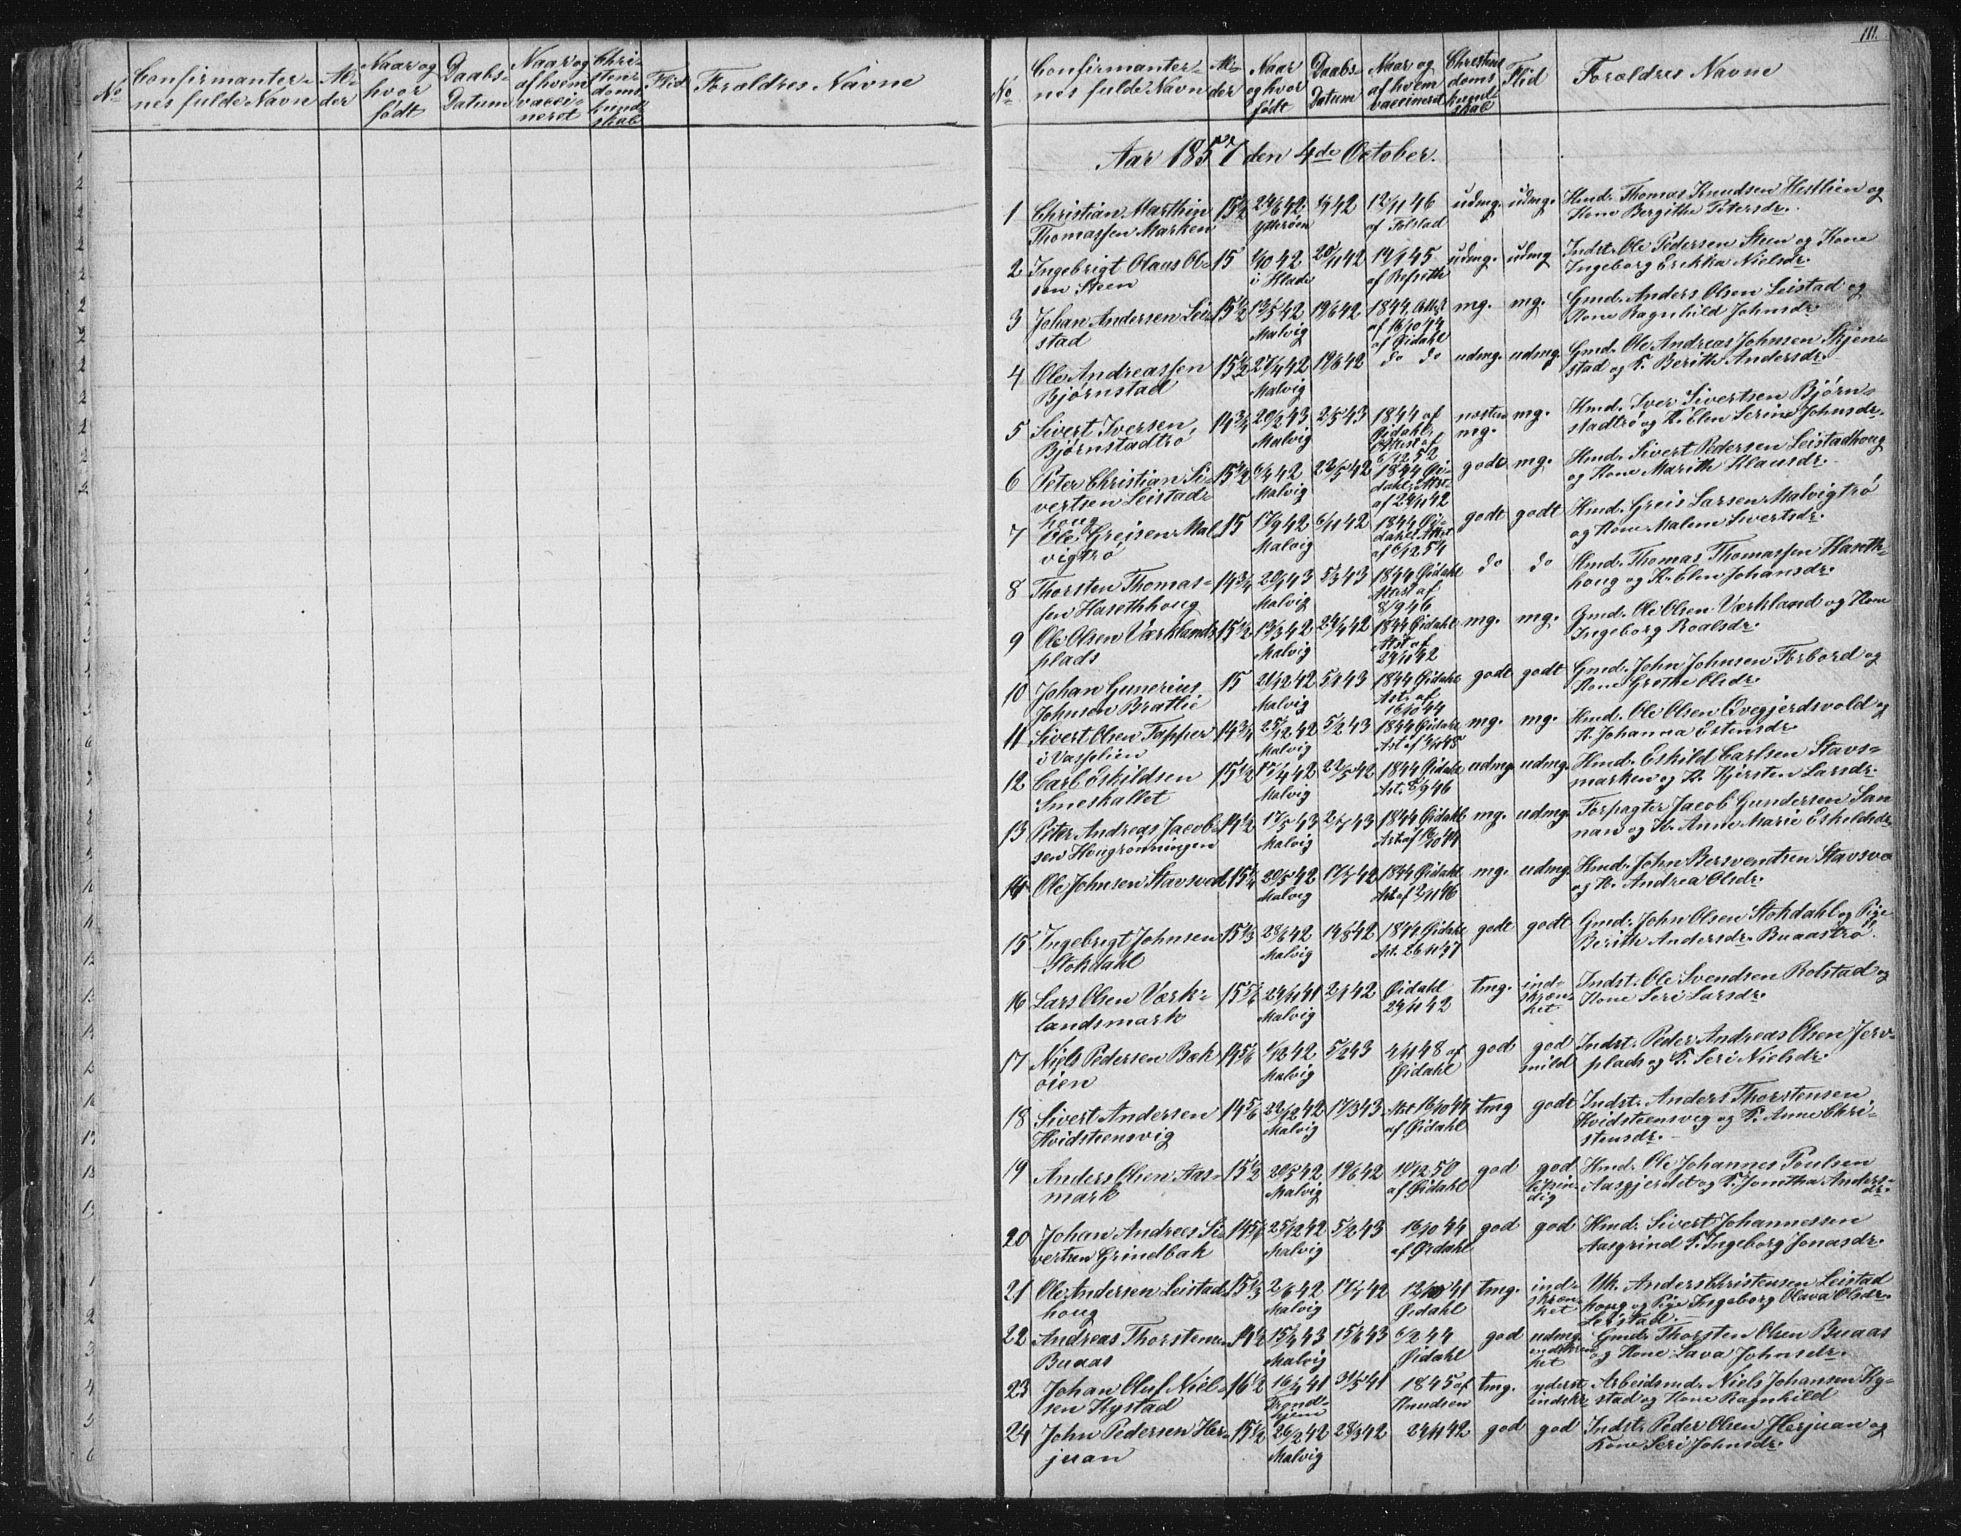 SAT, Ministerialprotokoller, klokkerbøker og fødselsregistre - Sør-Trøndelag, 616/L0406: Ministerialbok nr. 616A03, 1843-1879, s. 111